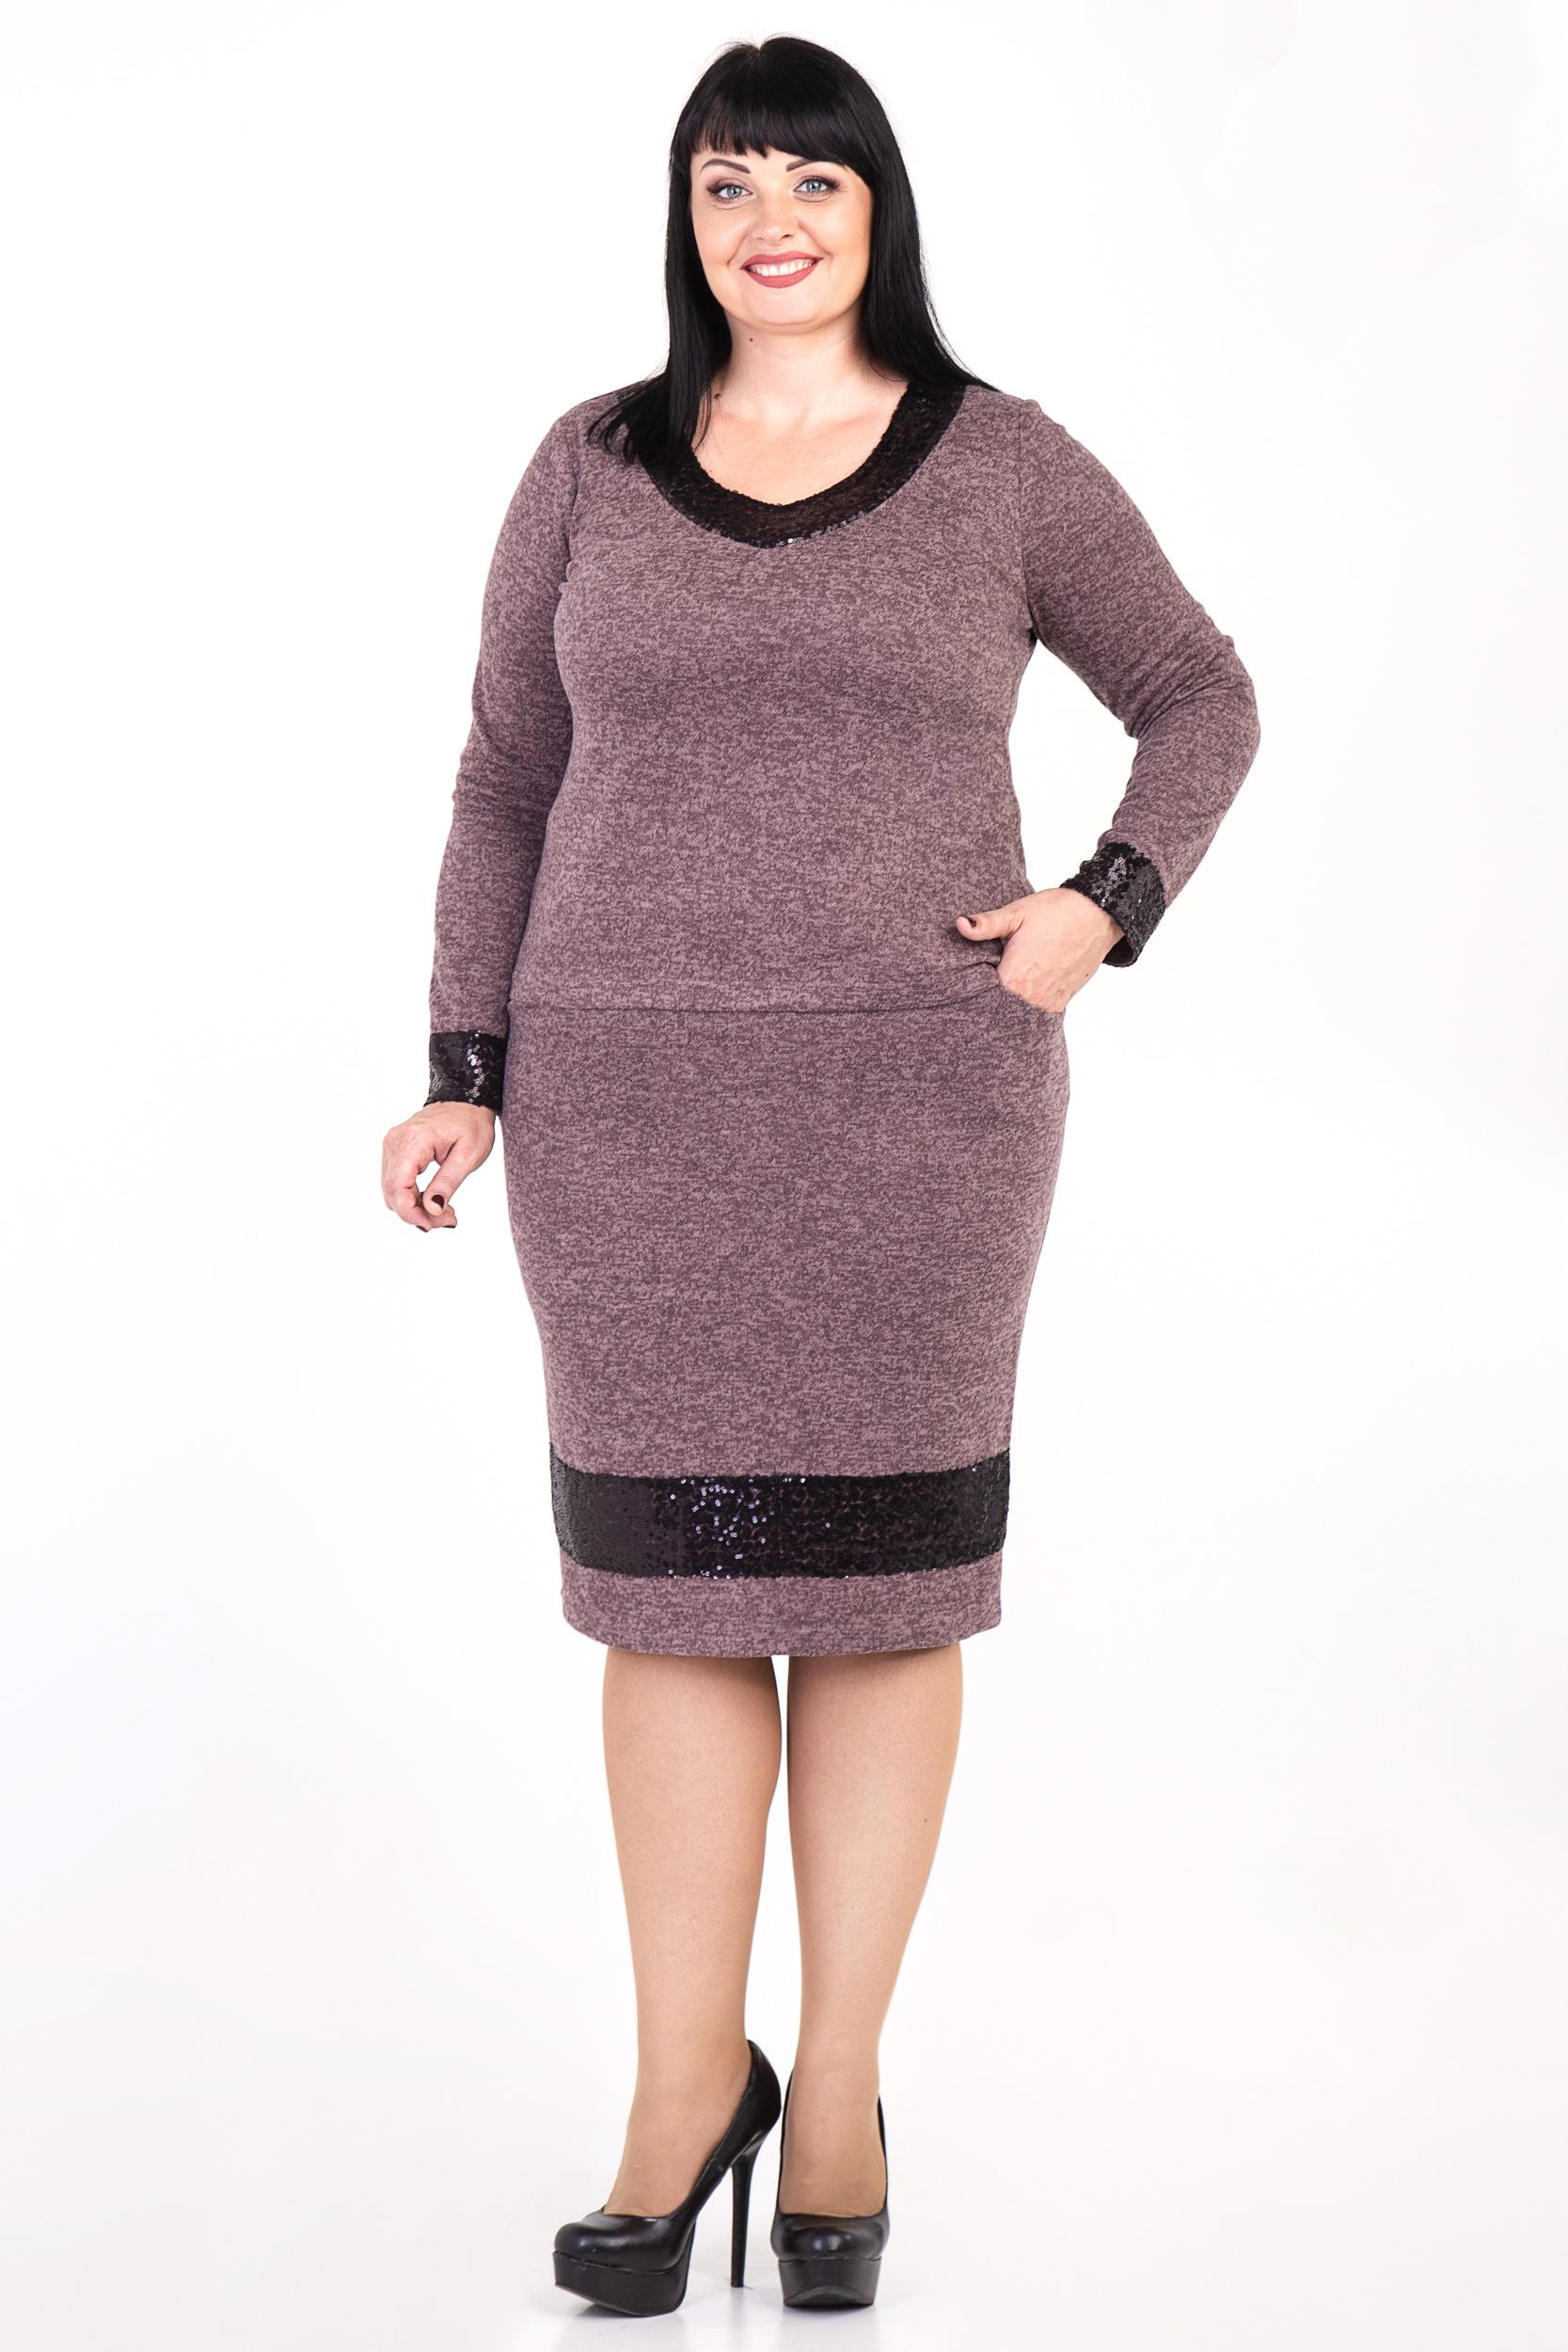 Жіночий теплий костюм великого розміру 7ecd30a775c96